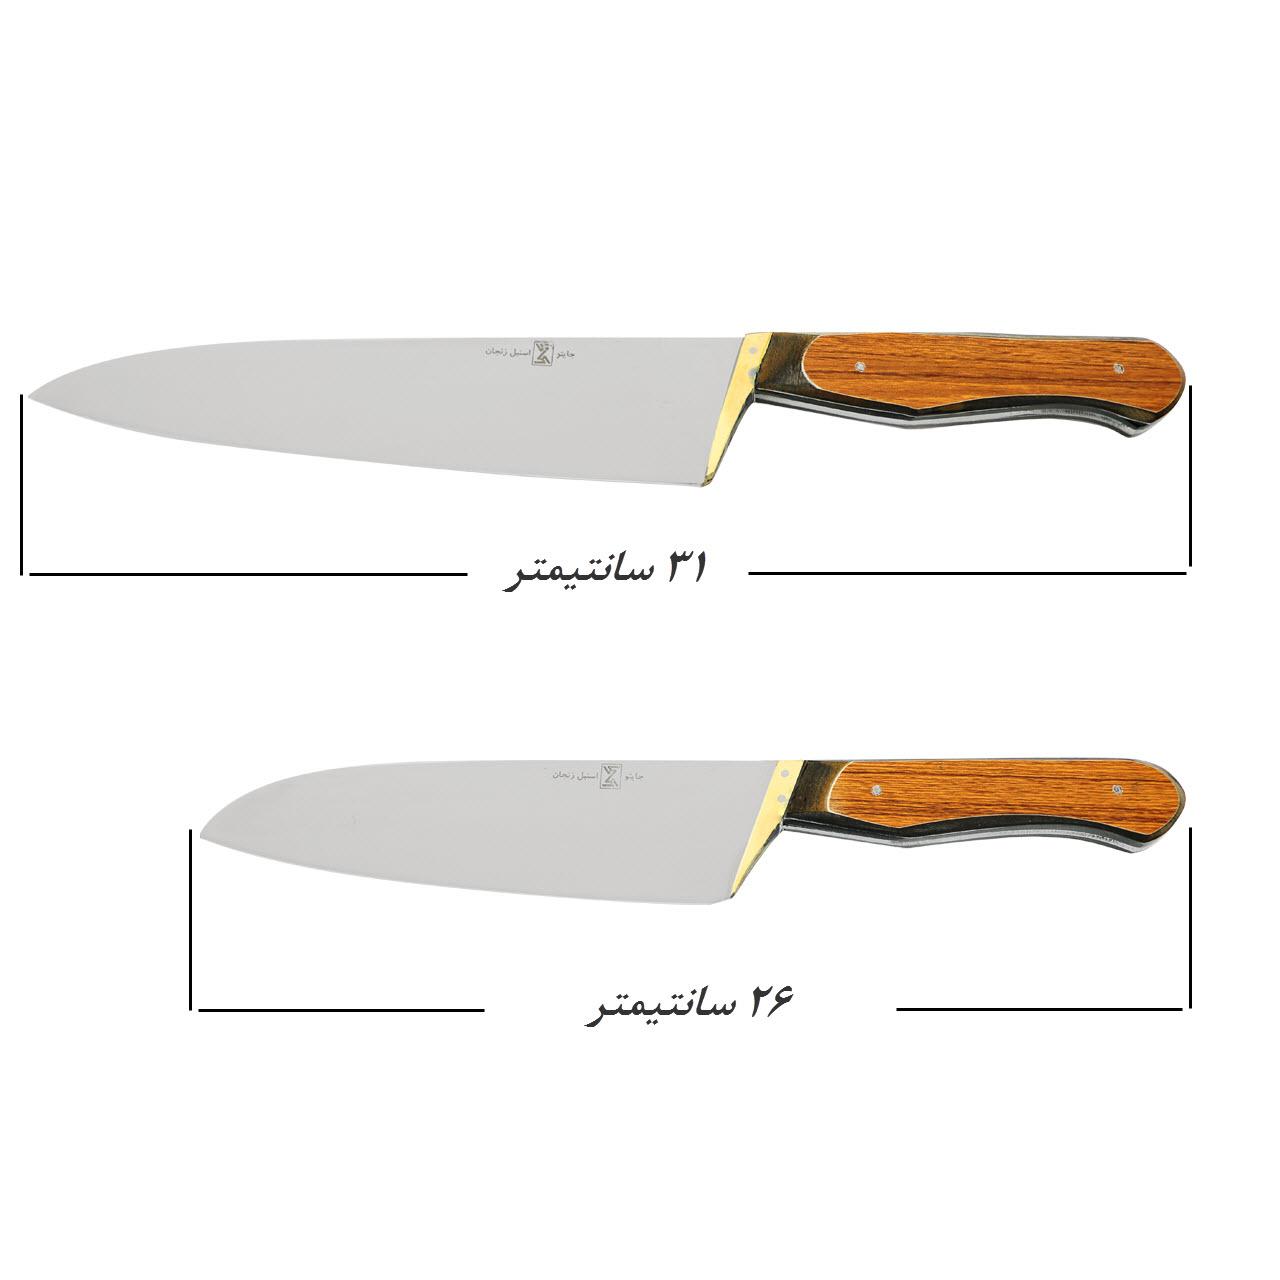 چاقو آشپزخانه جایتو مدل Solo201 مجموعه 2 عددی